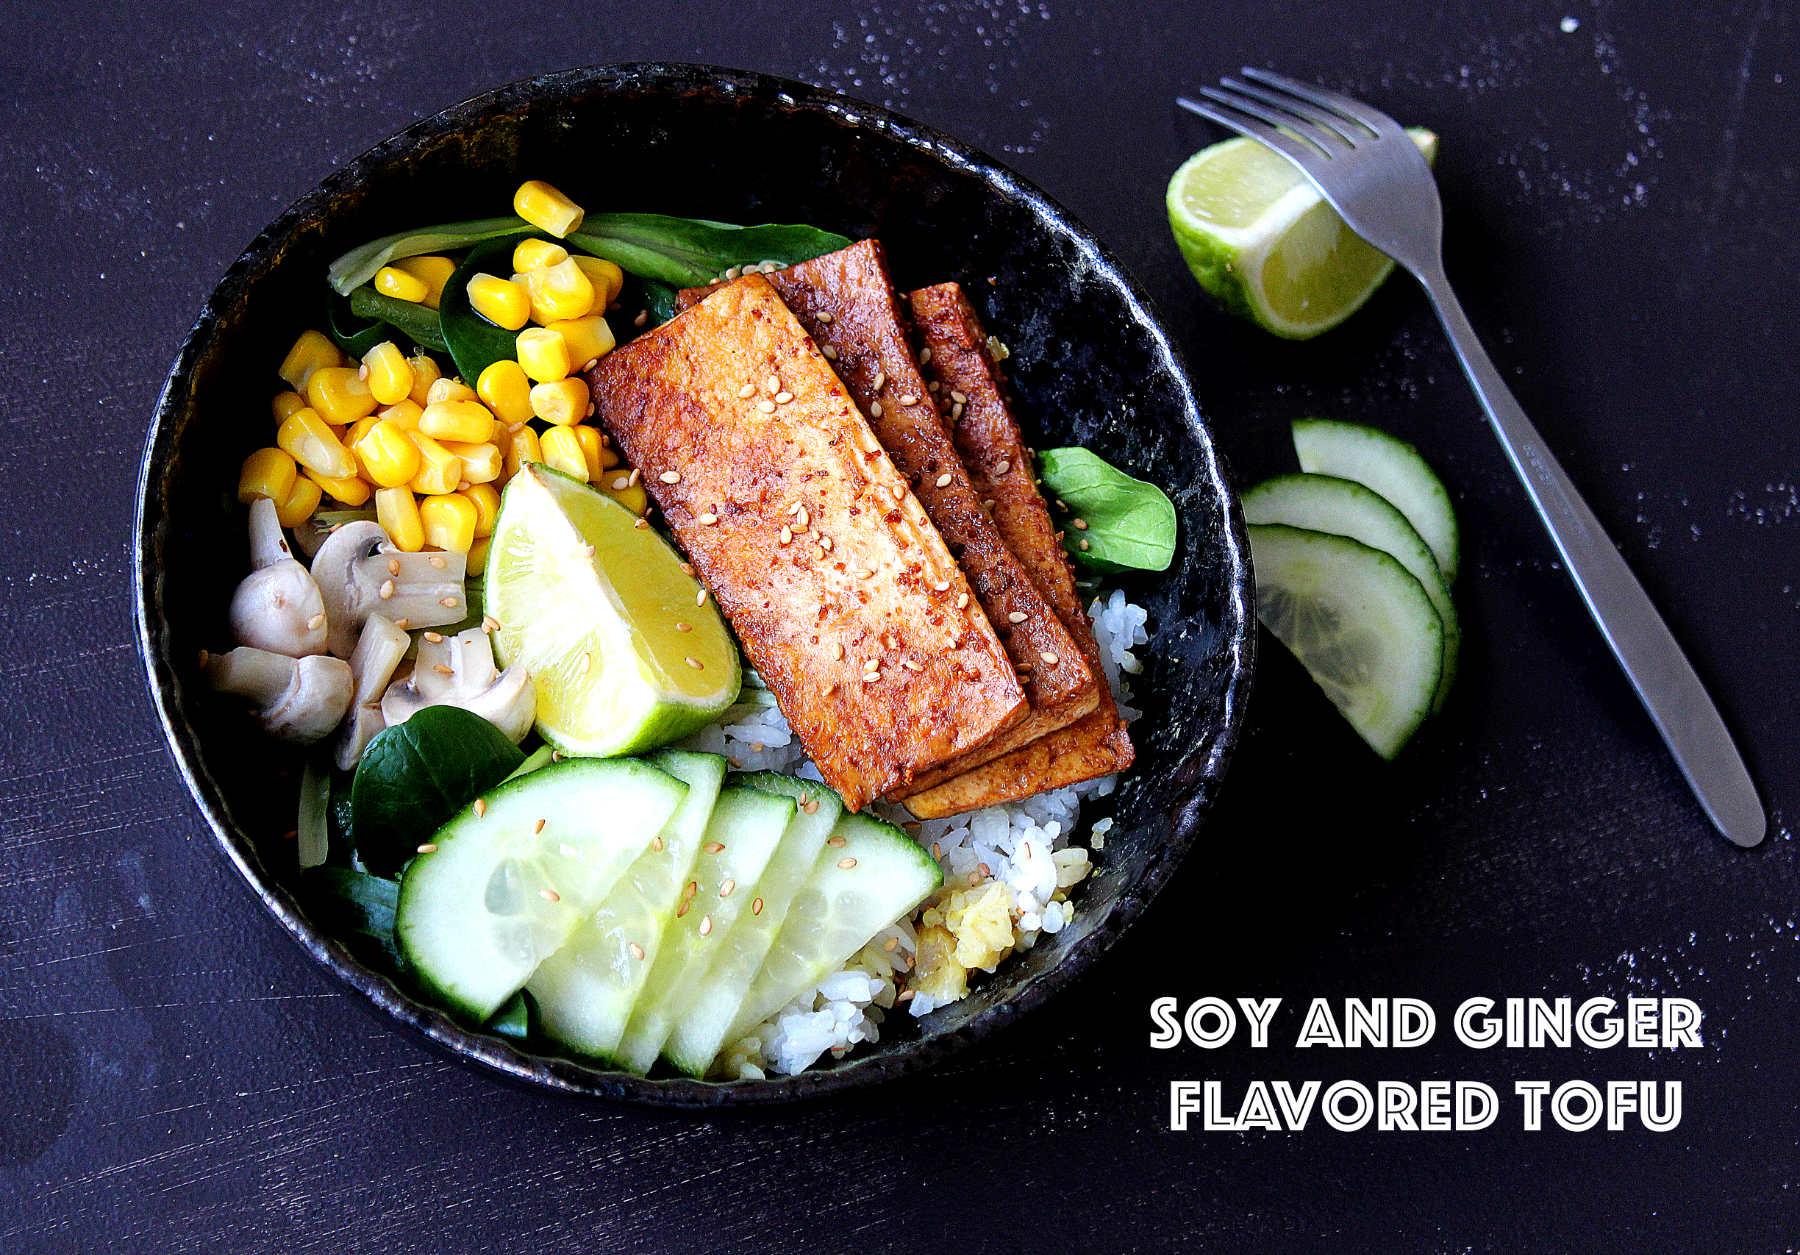 Tofu grillé aux soja et gingembre + bol complet pour repas rapide (vegan)